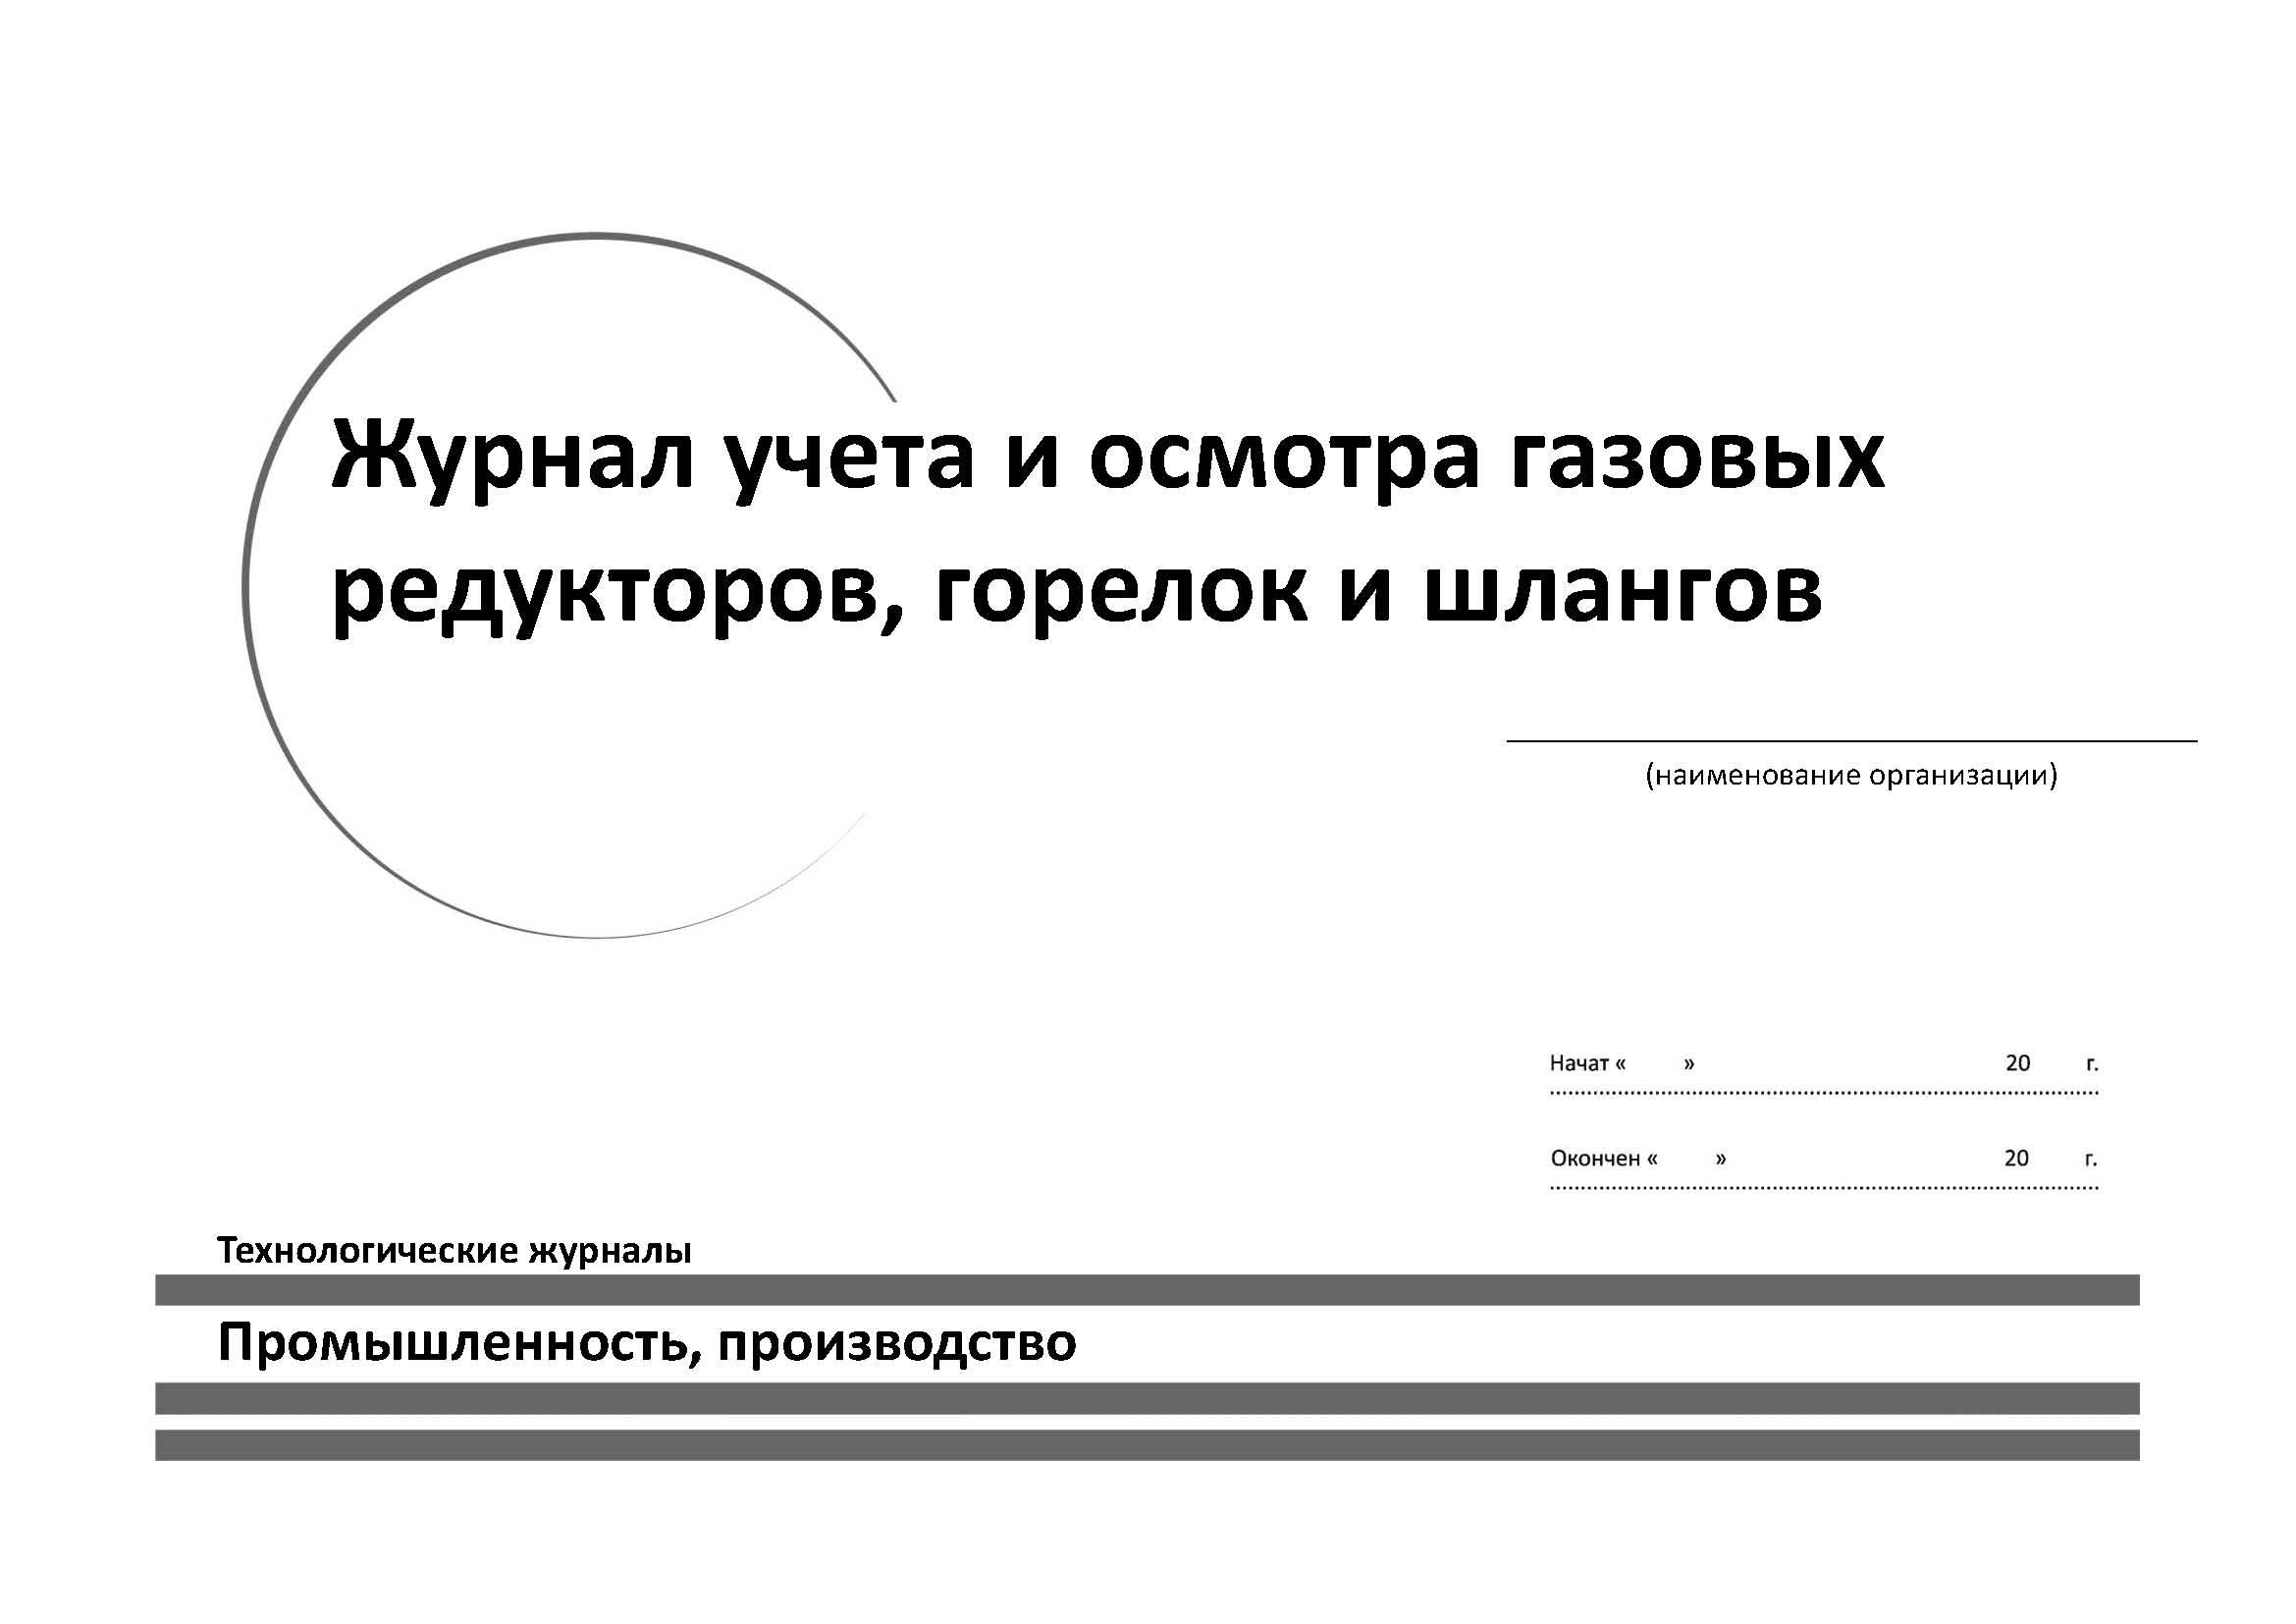 Печать журналов учета в Москве | фото 2